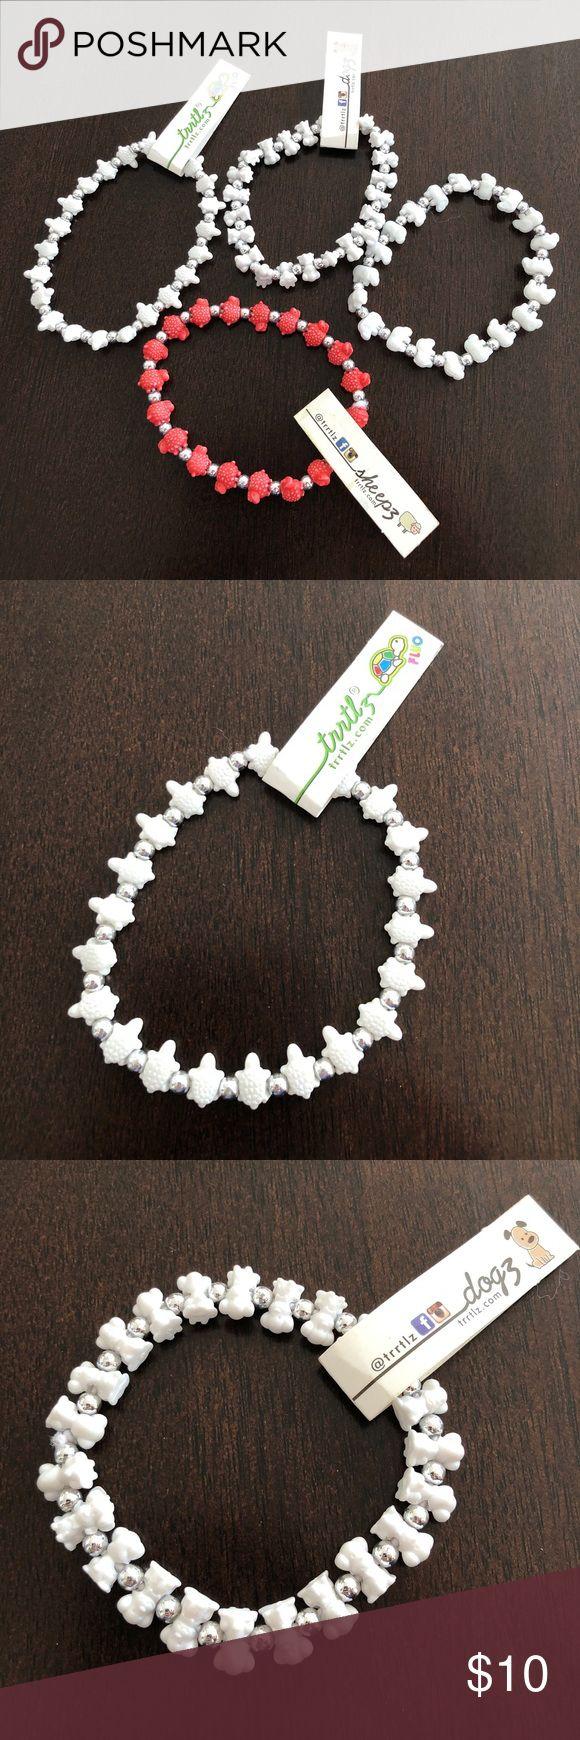 Four trrtlz bracelets Bundle has three white bracelets. One elephant, one dog & one turtle. One red sheep bracelet. trrtlz Jewelry Bracelets